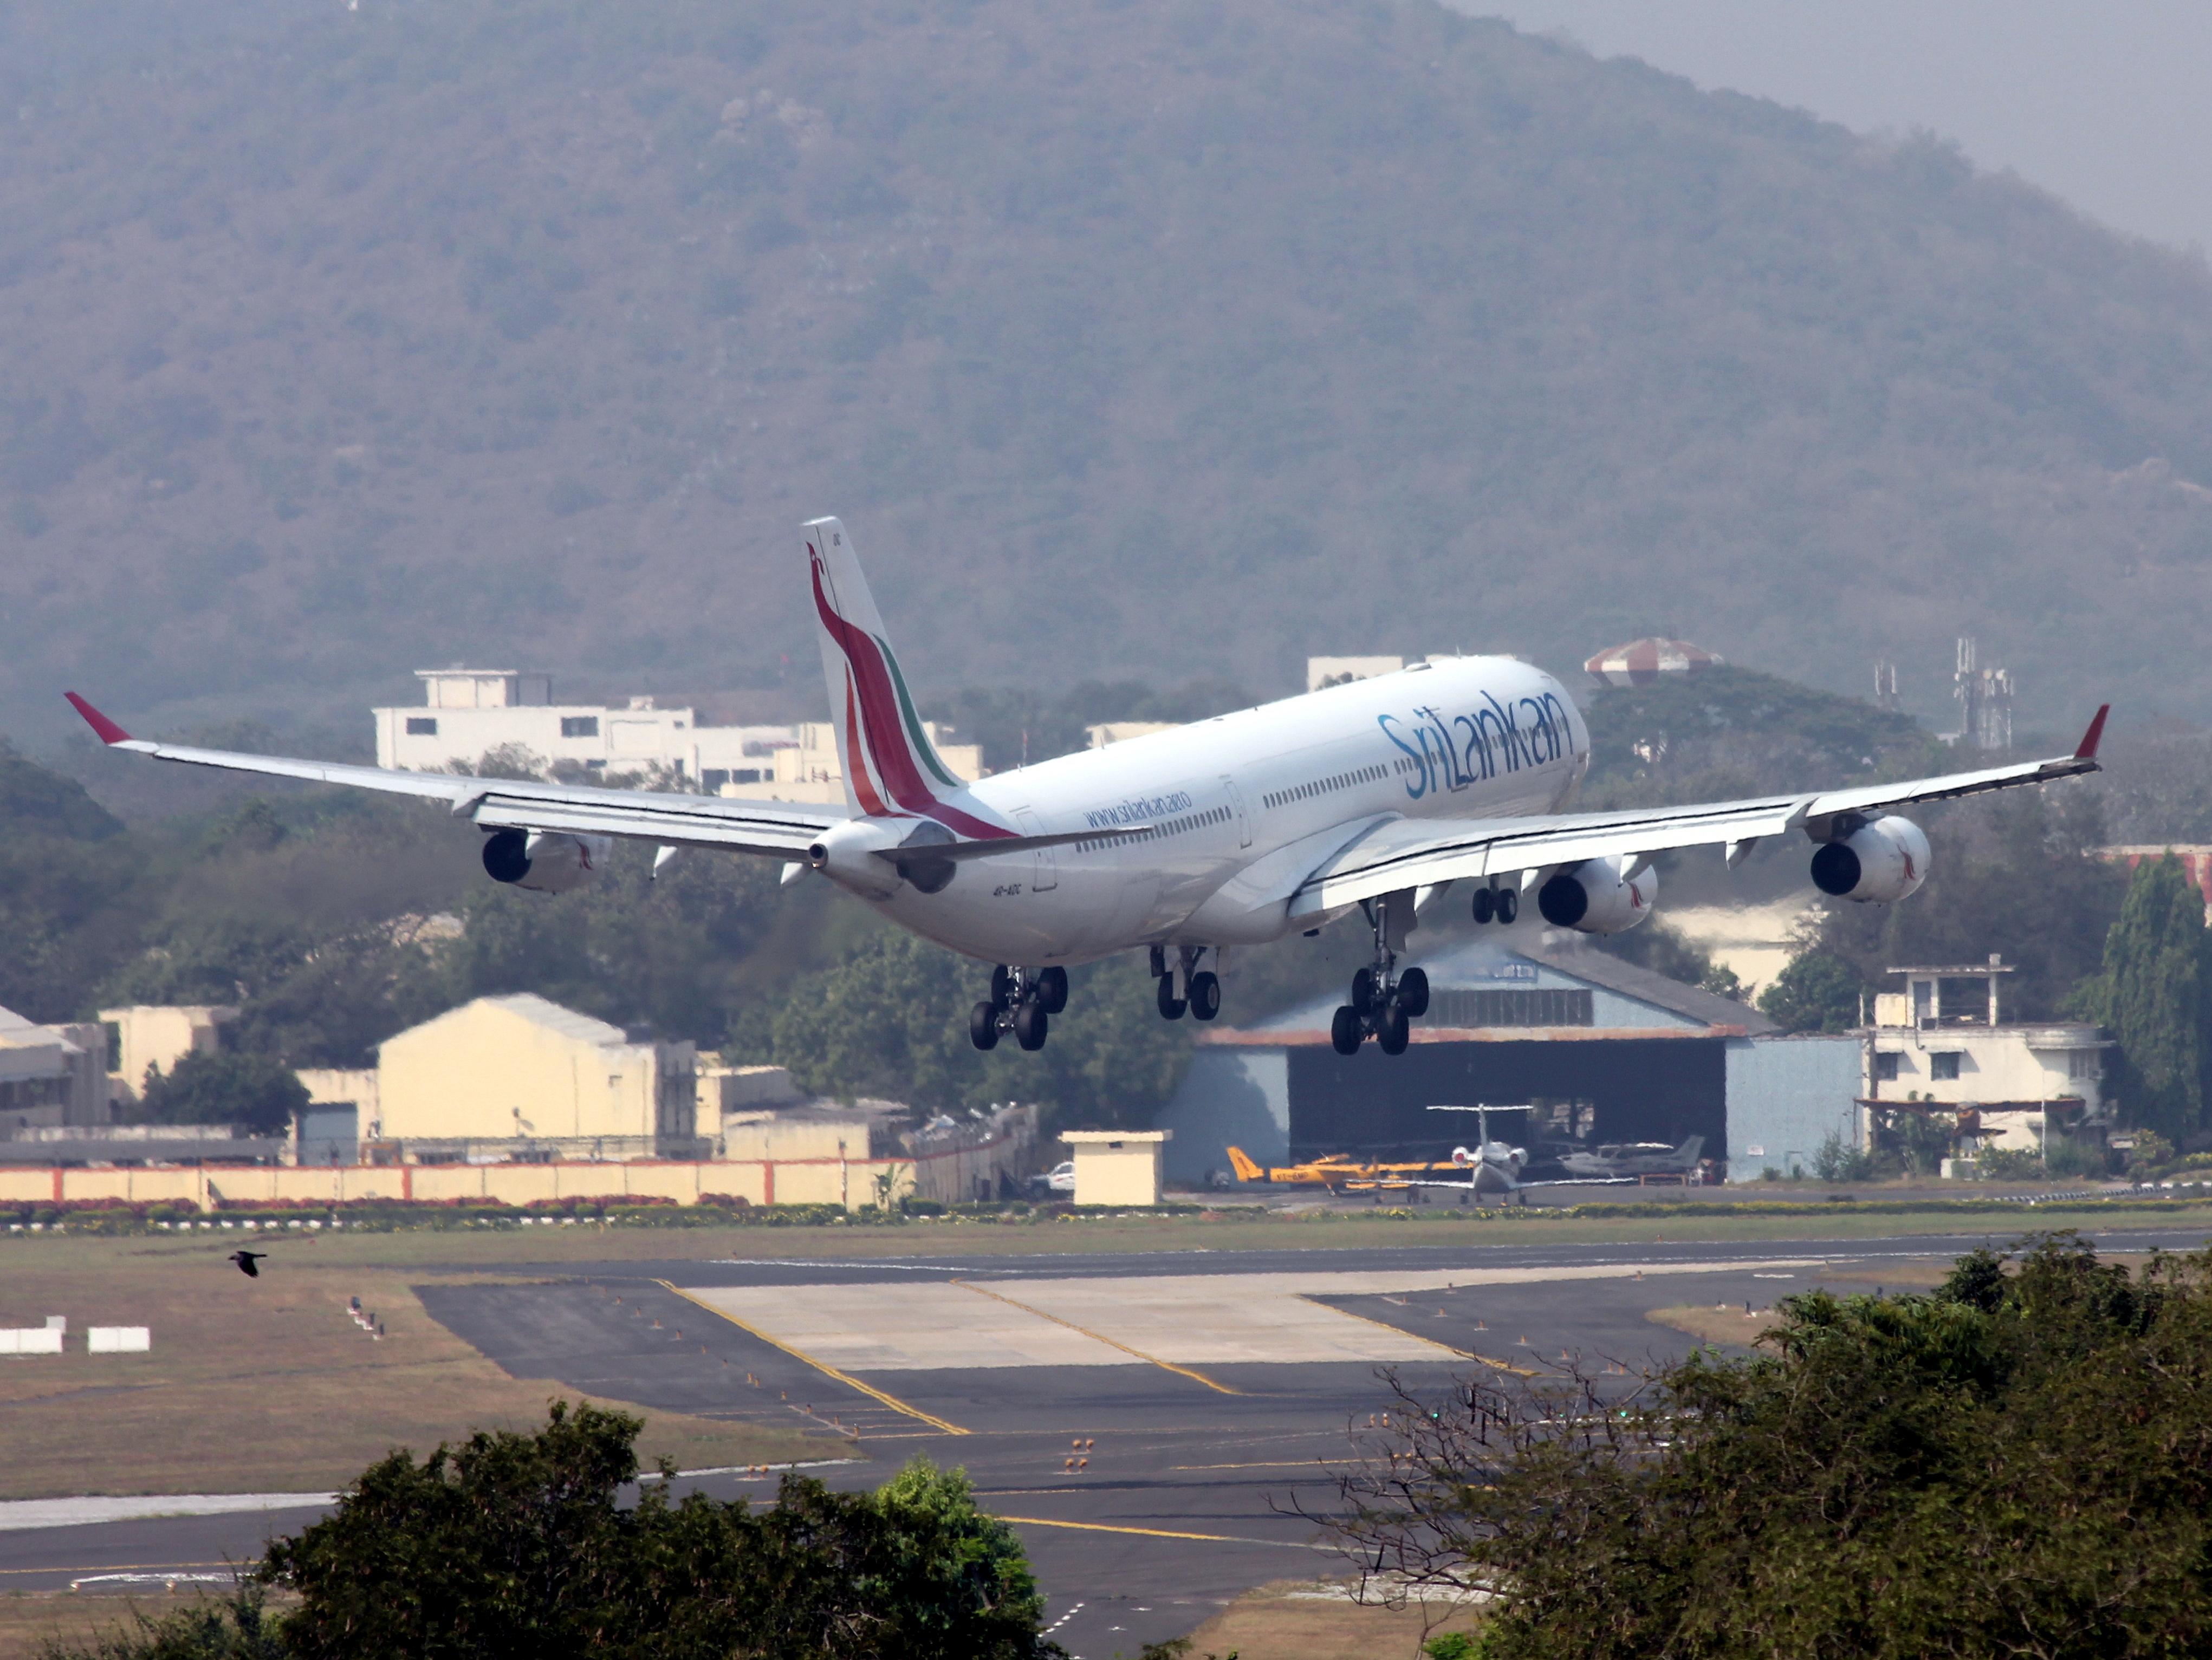 Description Srilankan Airlines 340 300